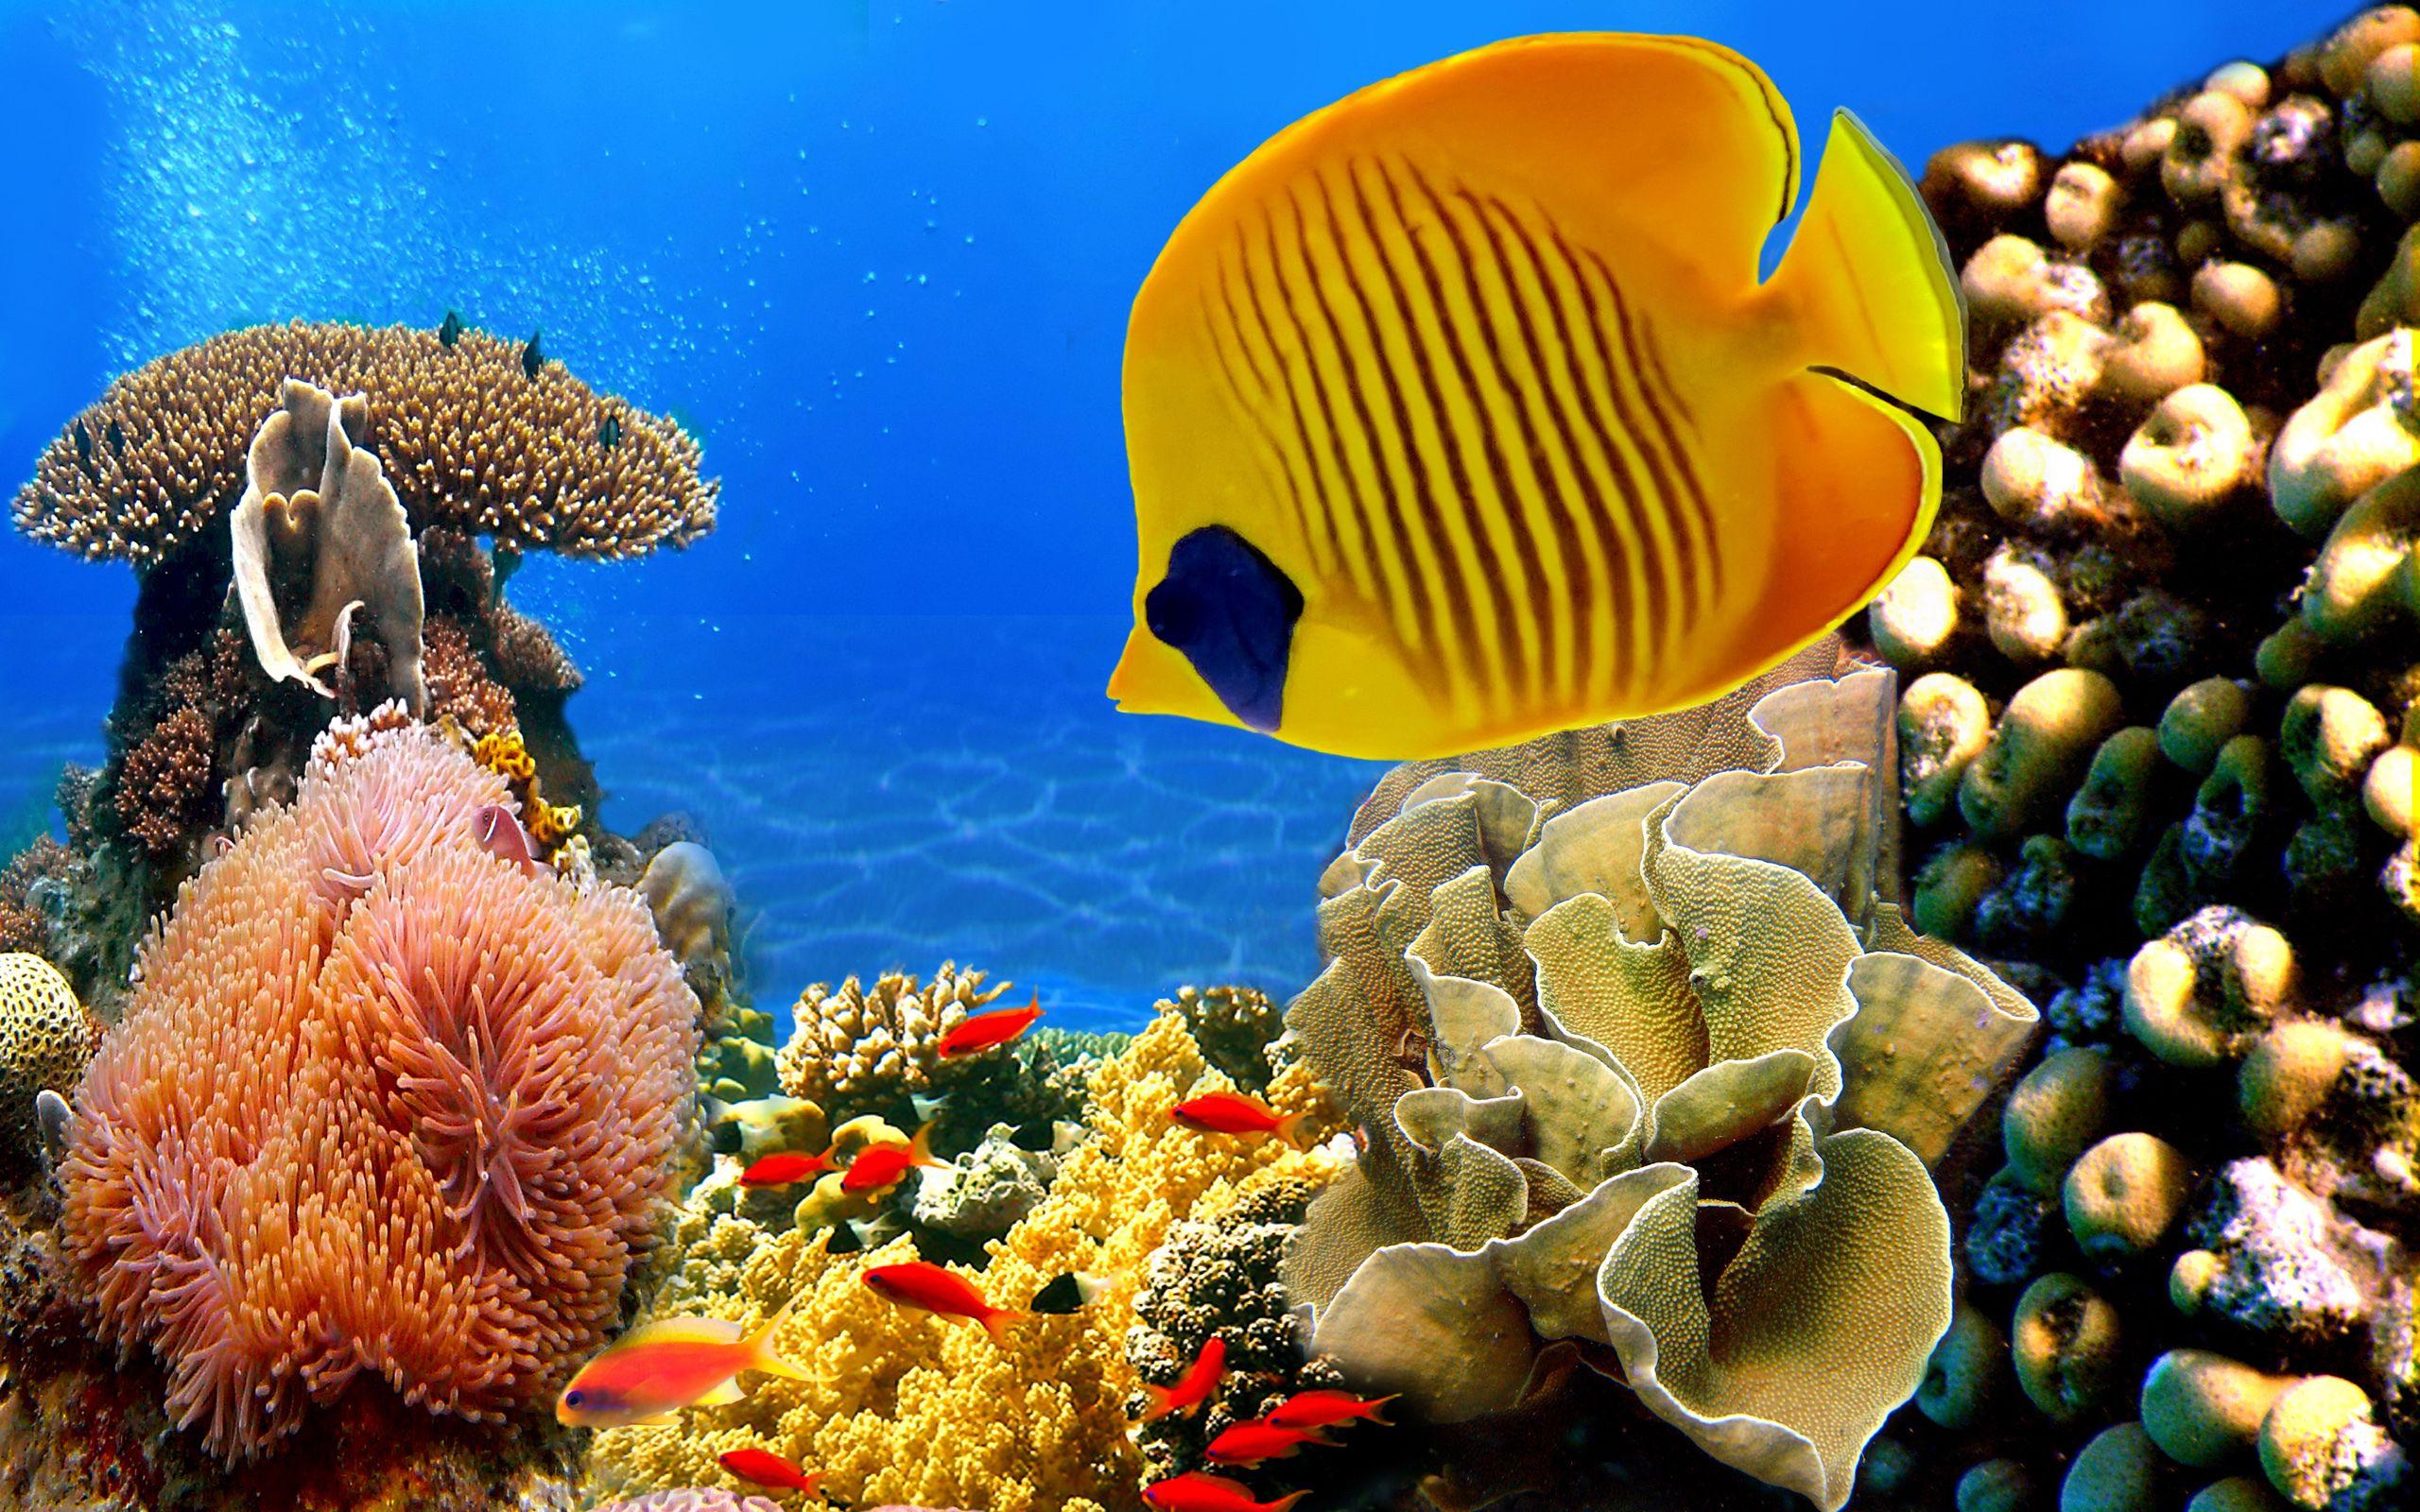 Fonds D Ecran Monde Sous Marin Poisson Animaux Image 359484 Telecharger Poisson Tropical Fond D Ecran Corail Sous Marin